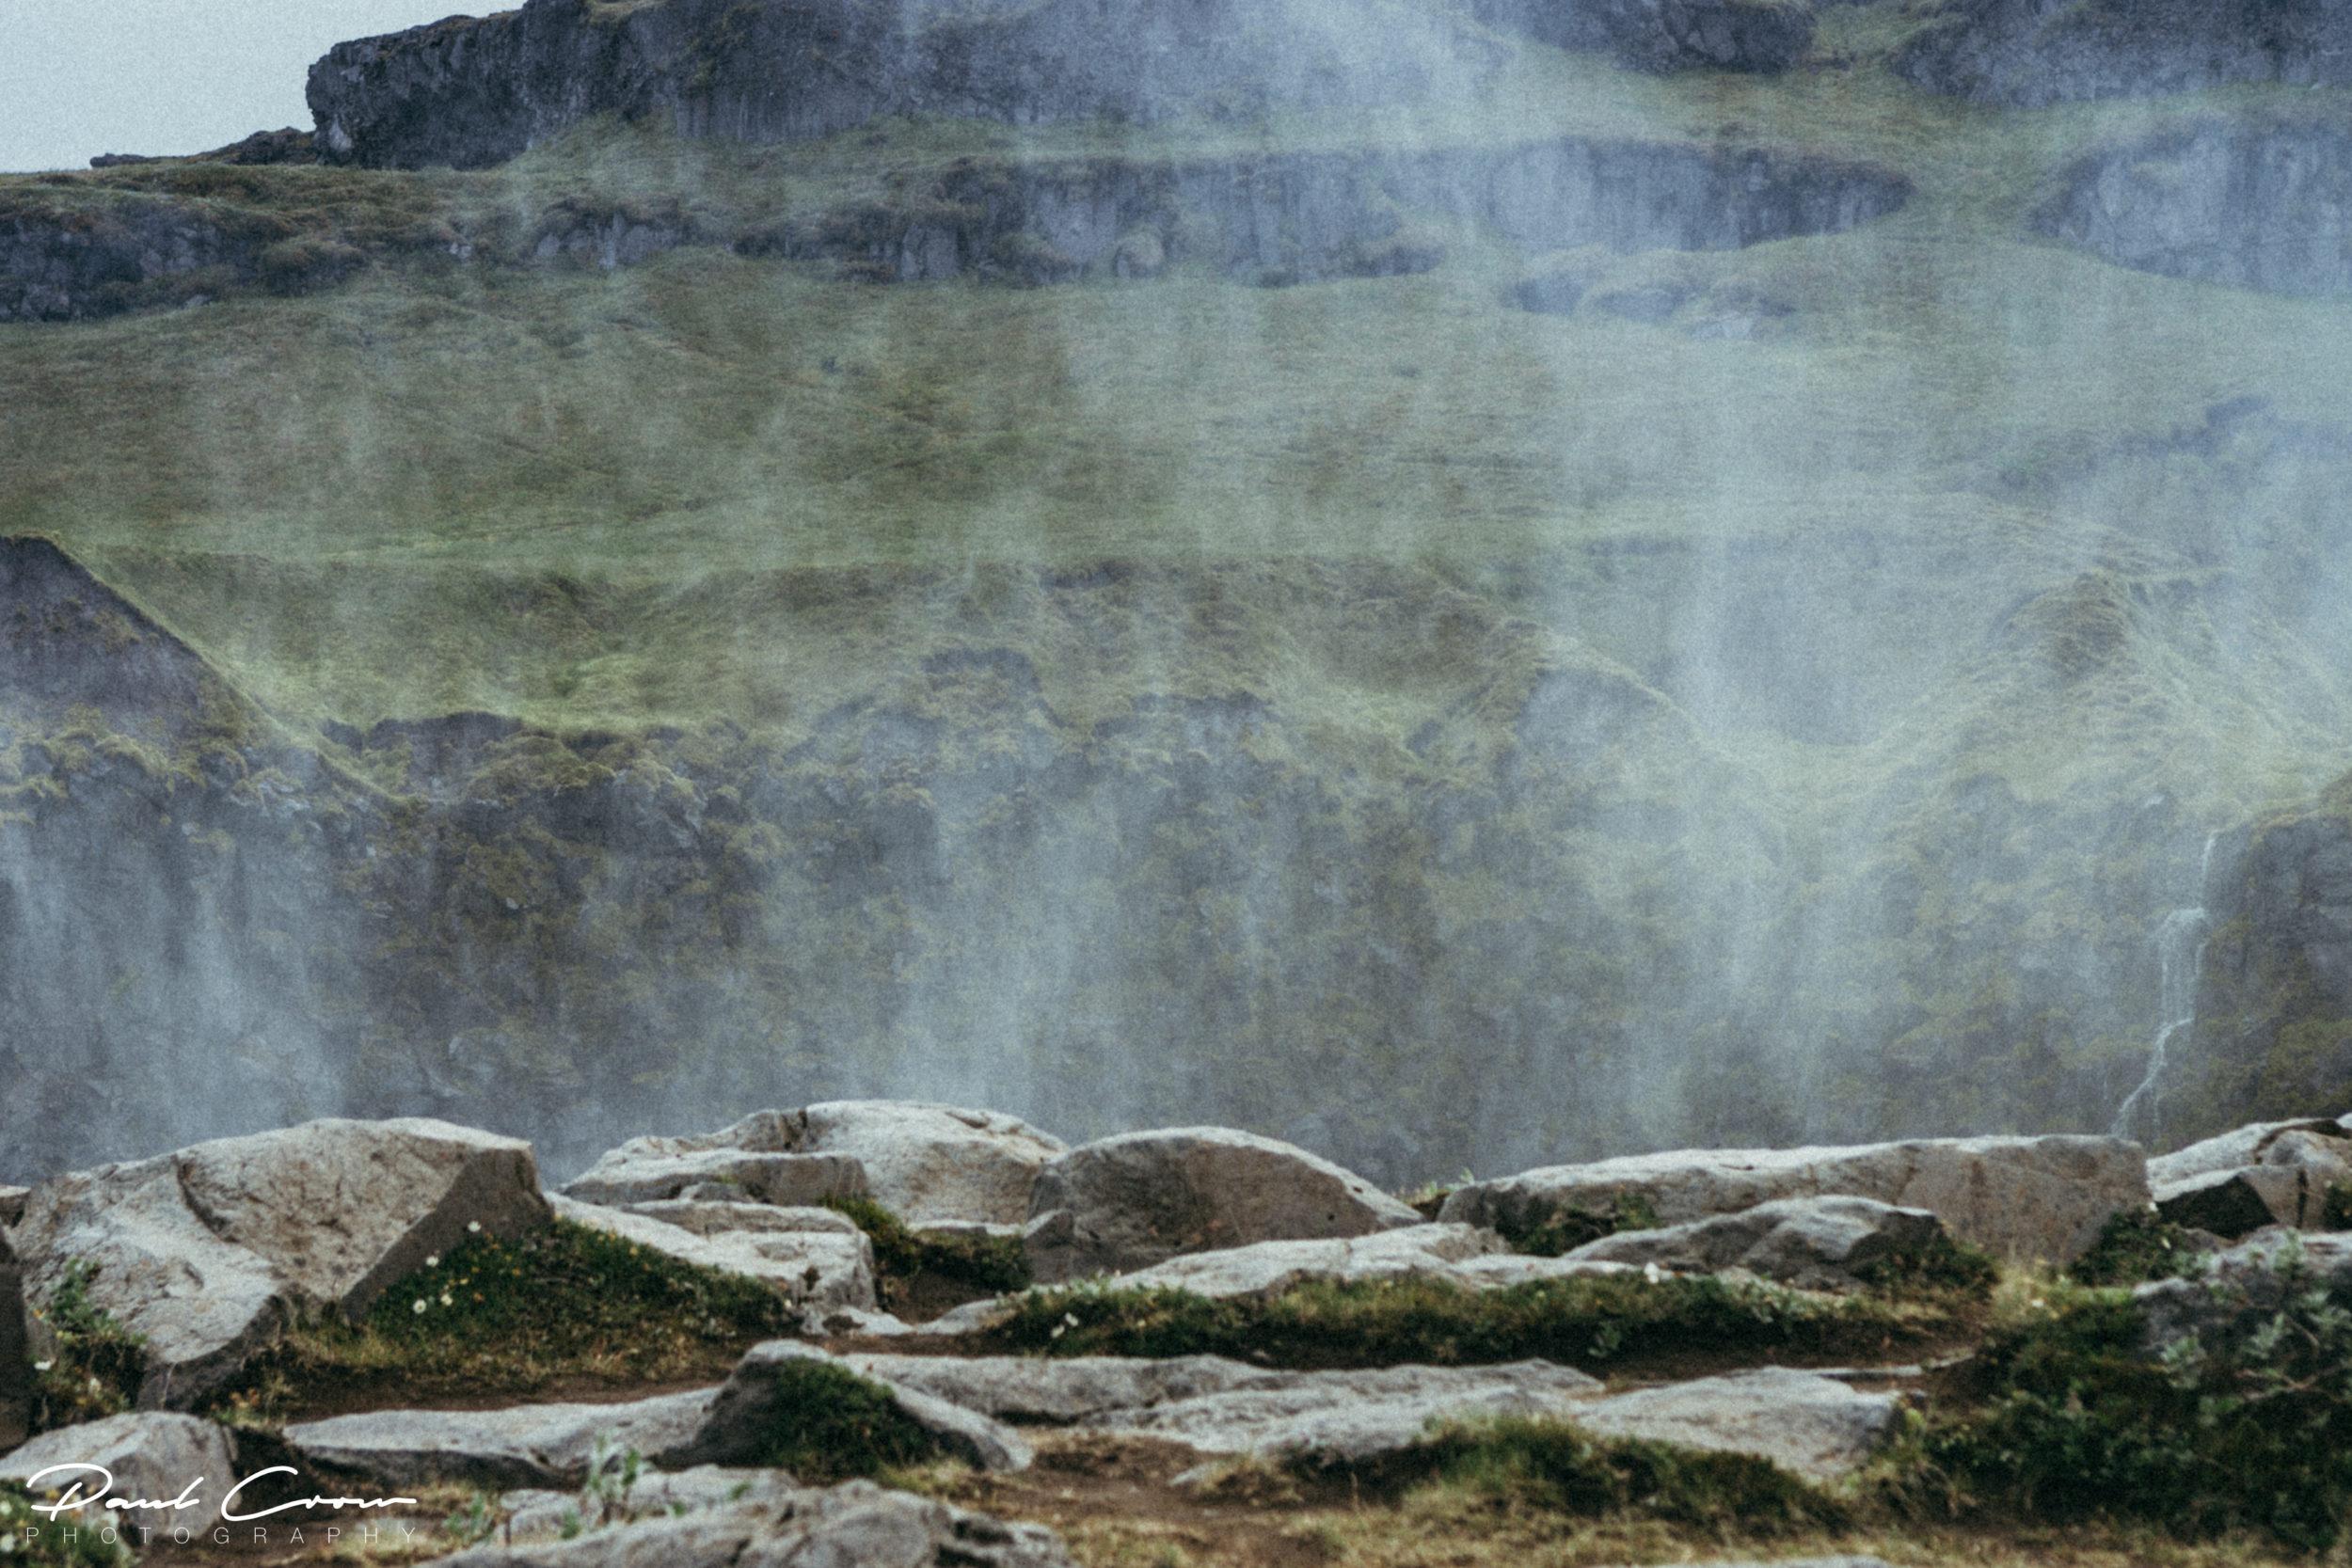 Water vapor from Dettifoss